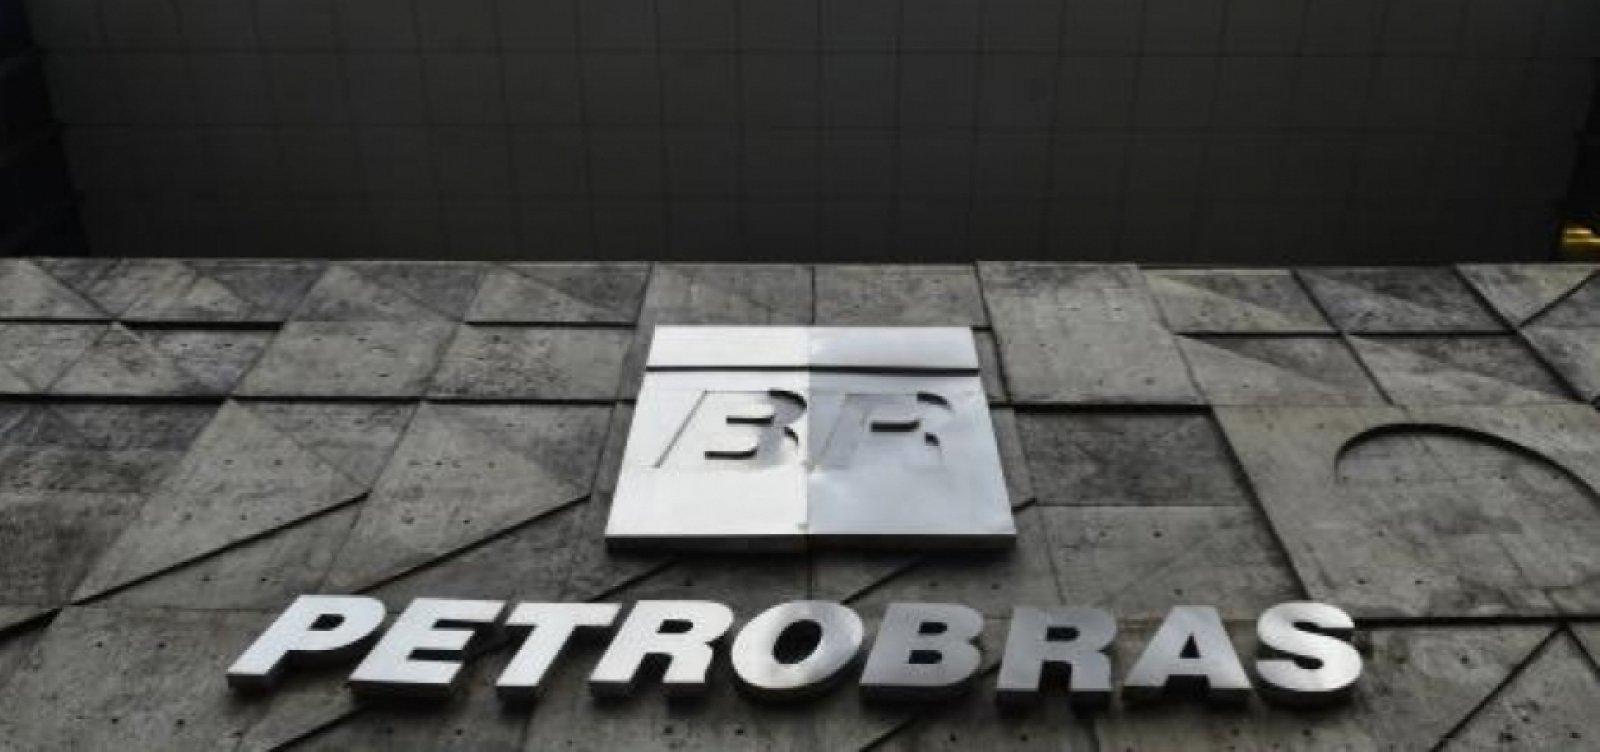 STF anula condenação do ex-gerente da Petrobras, Márcio Ferreira